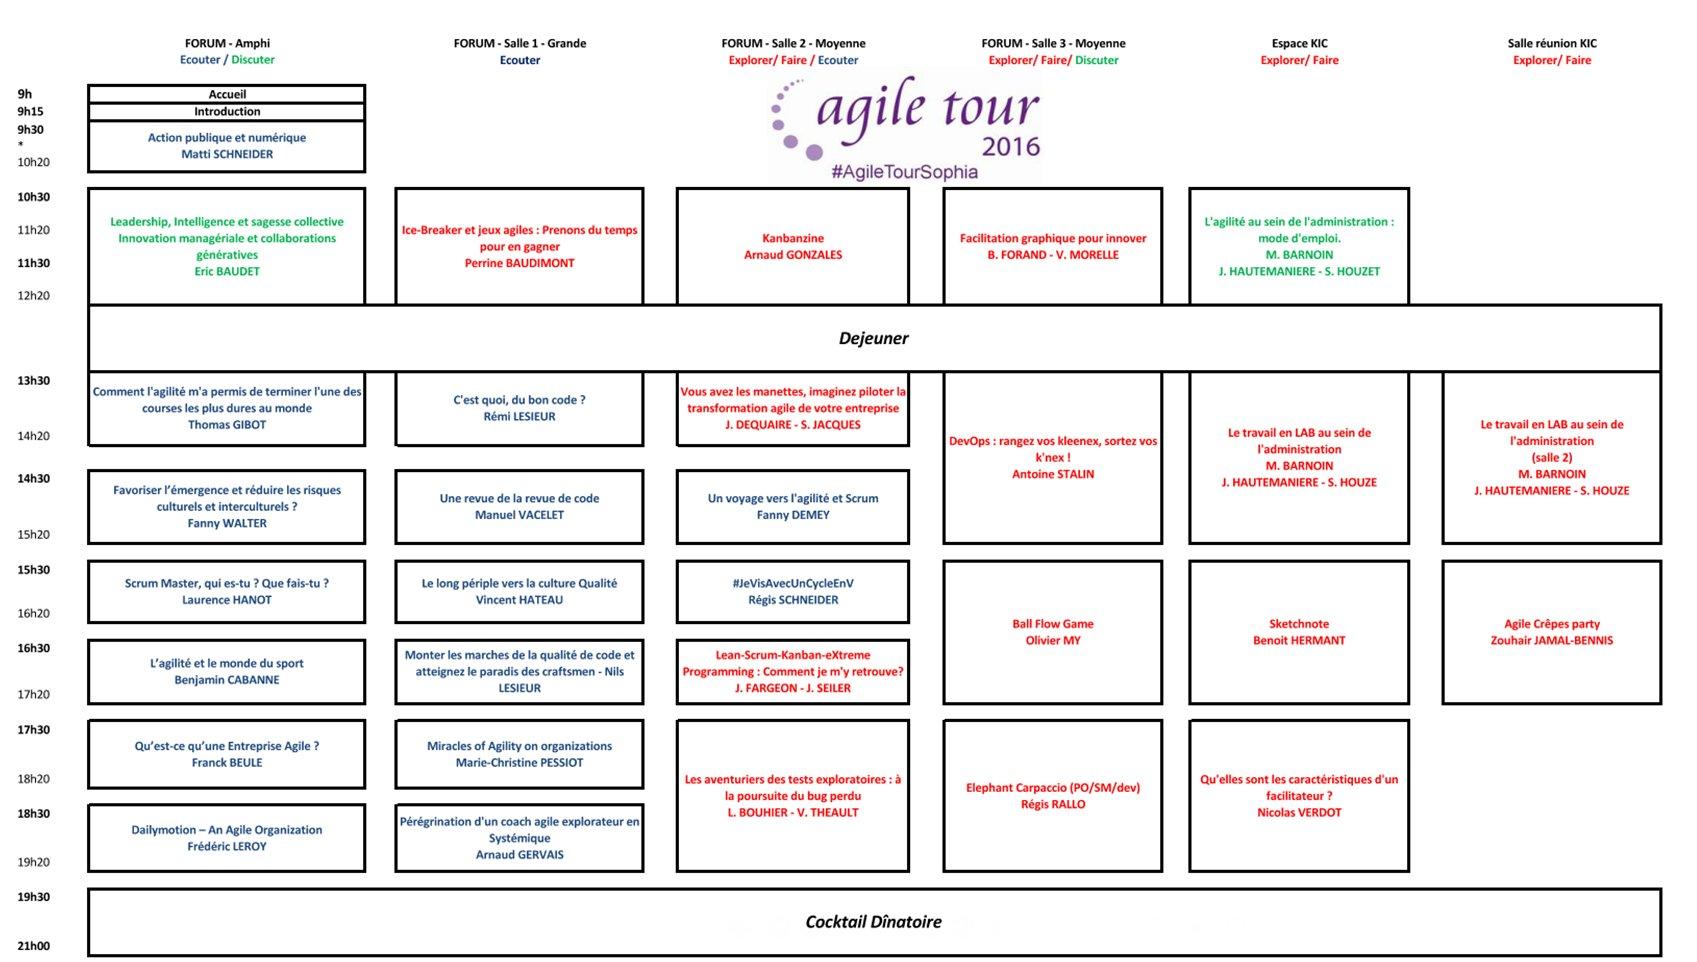 @AgileTourSophia Animation d'un atelier sur le test exploratoire qui a eu beaucoup de succès à #agiletouraixmarseille (places limitées) https://t.co/L663tBSCD3